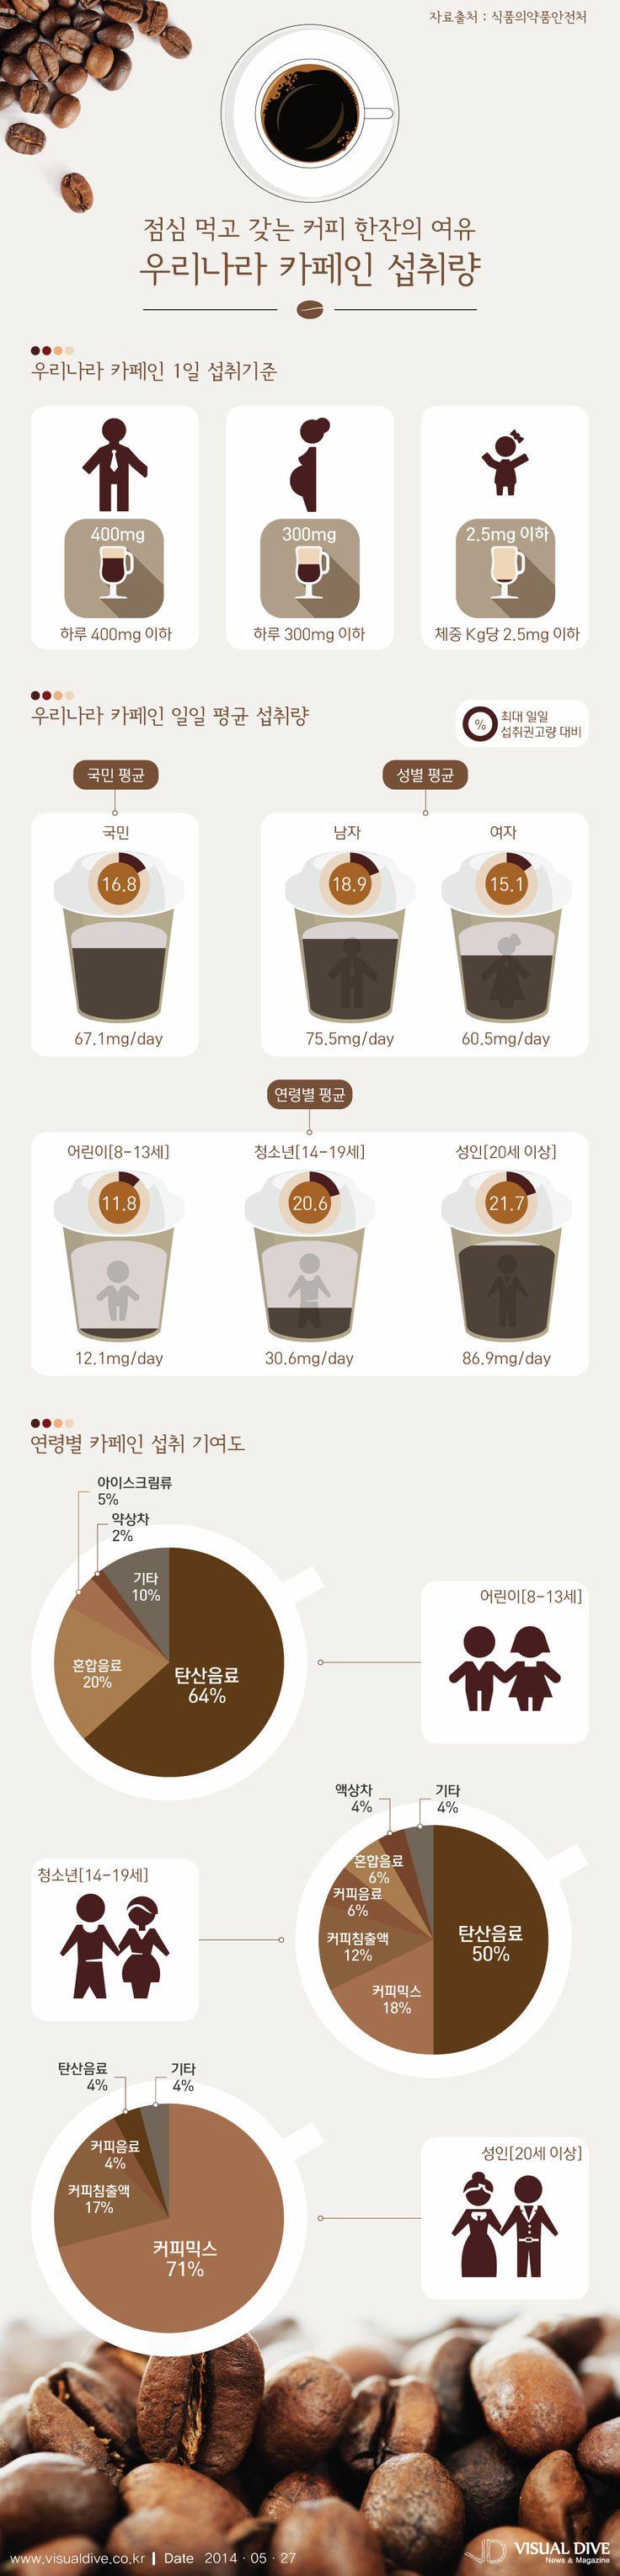 우리나라 카페인섭취량, 여자보다 남자가 더 많아 [인포그래픽]  #coffee #Infographic ⓒ 비주얼다이브 무단 복사·전재·재배포